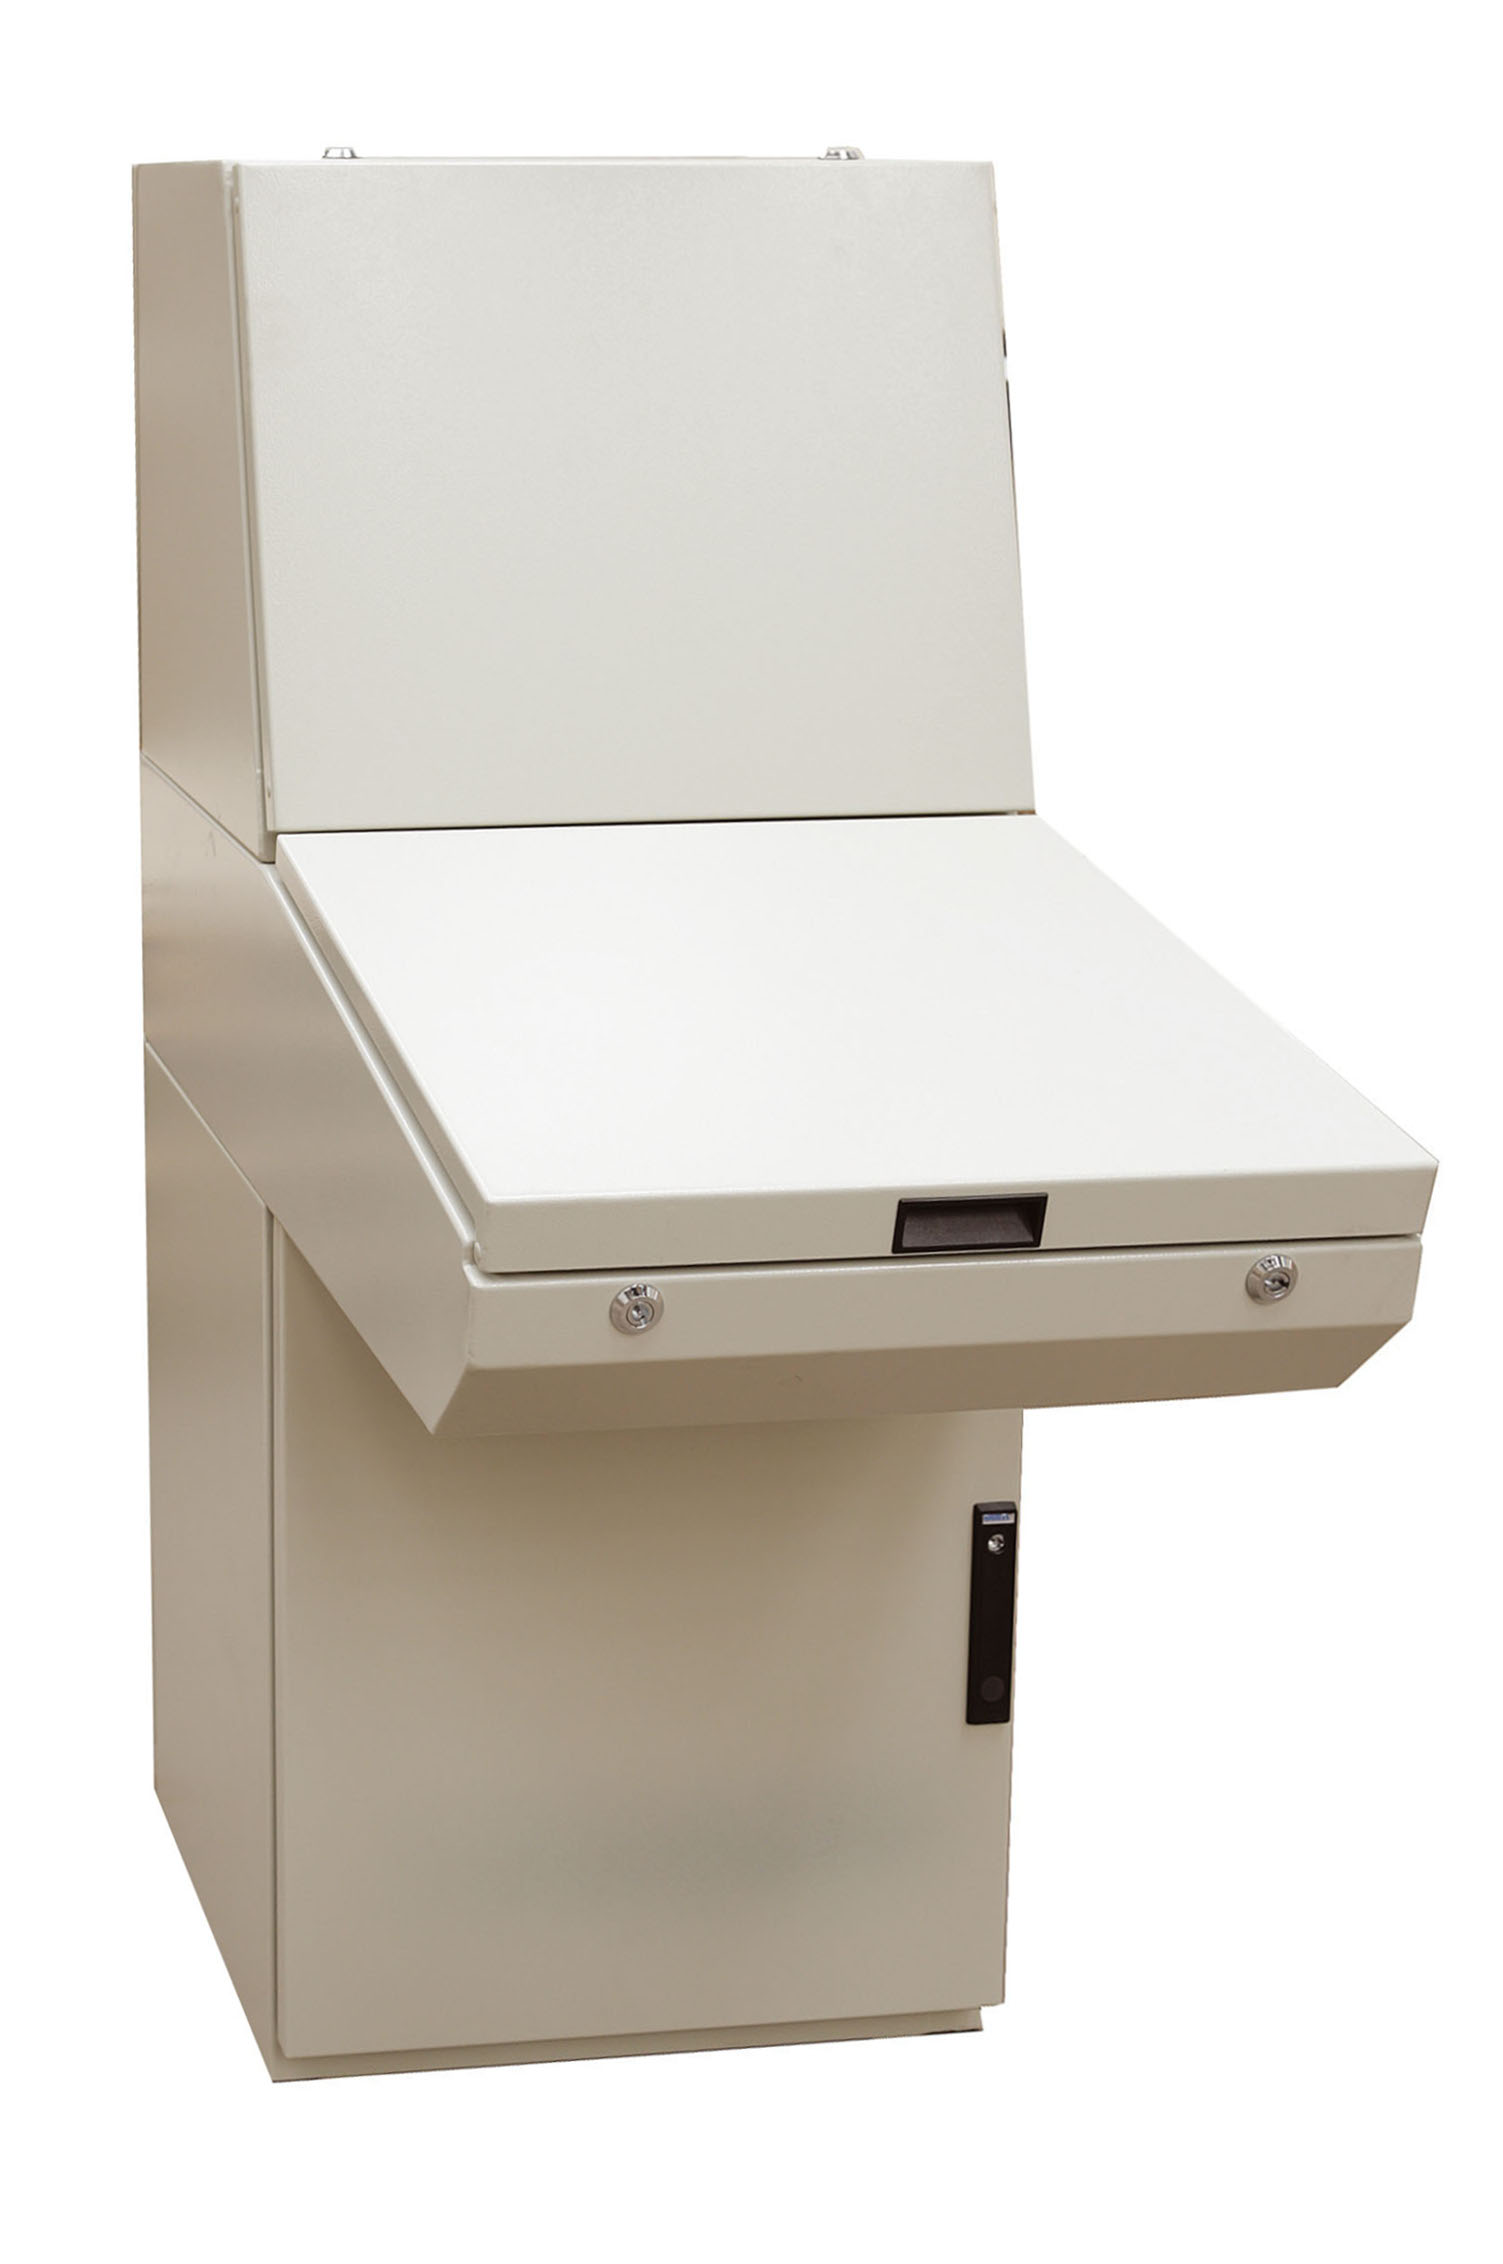 1 Stk Pult Modul Unterteil 800mm breit ASPC0830--